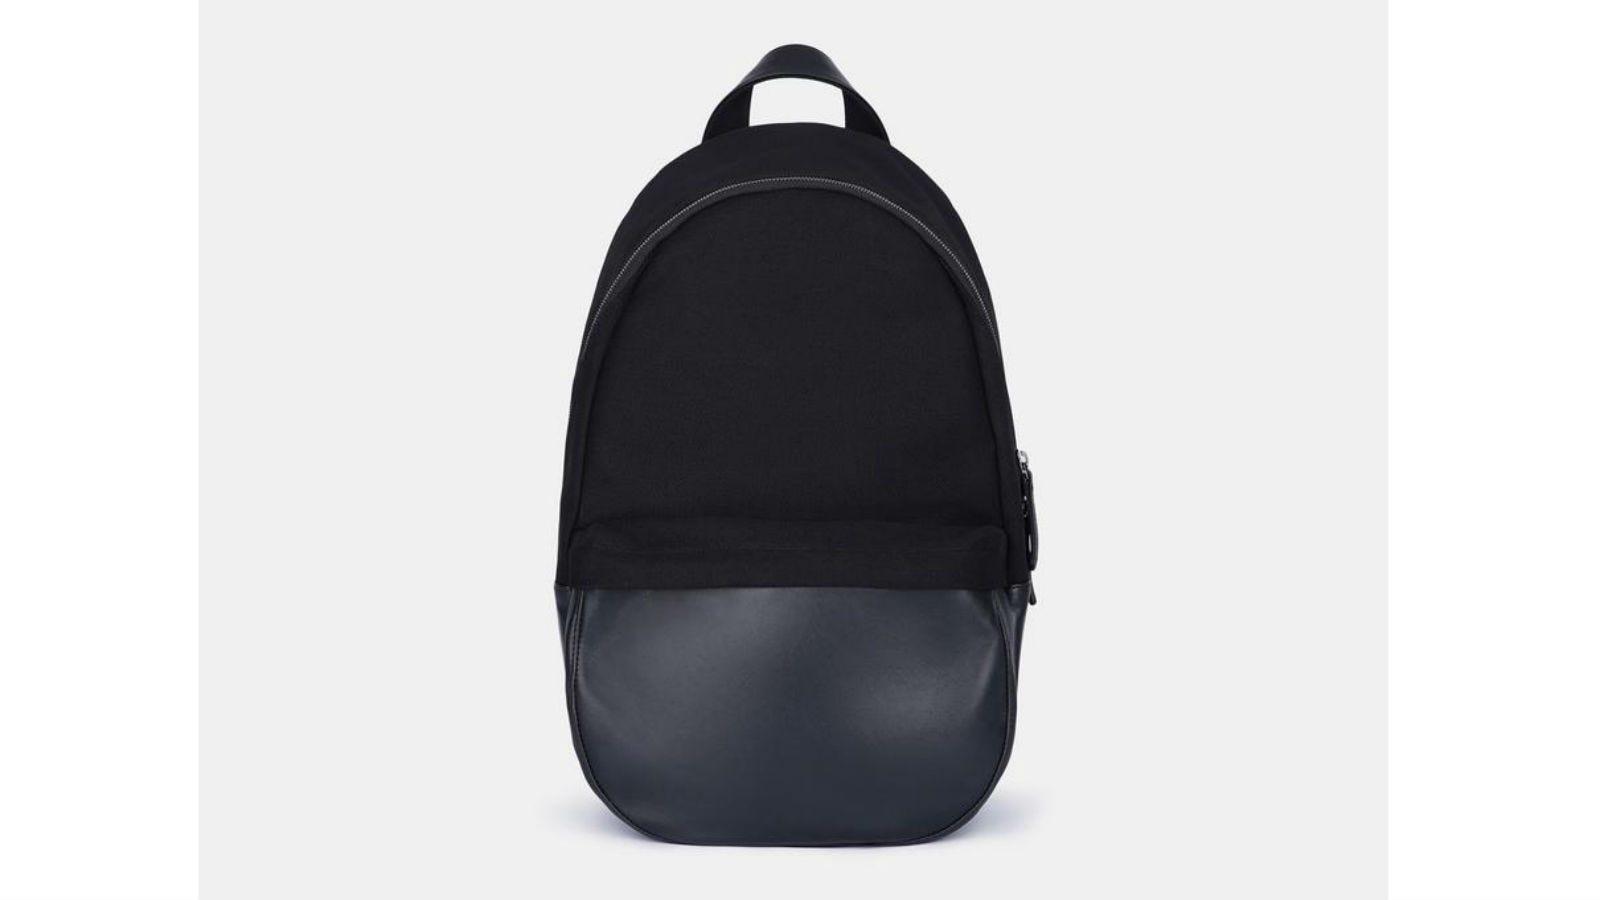 The Haerfest Travel Backpack.